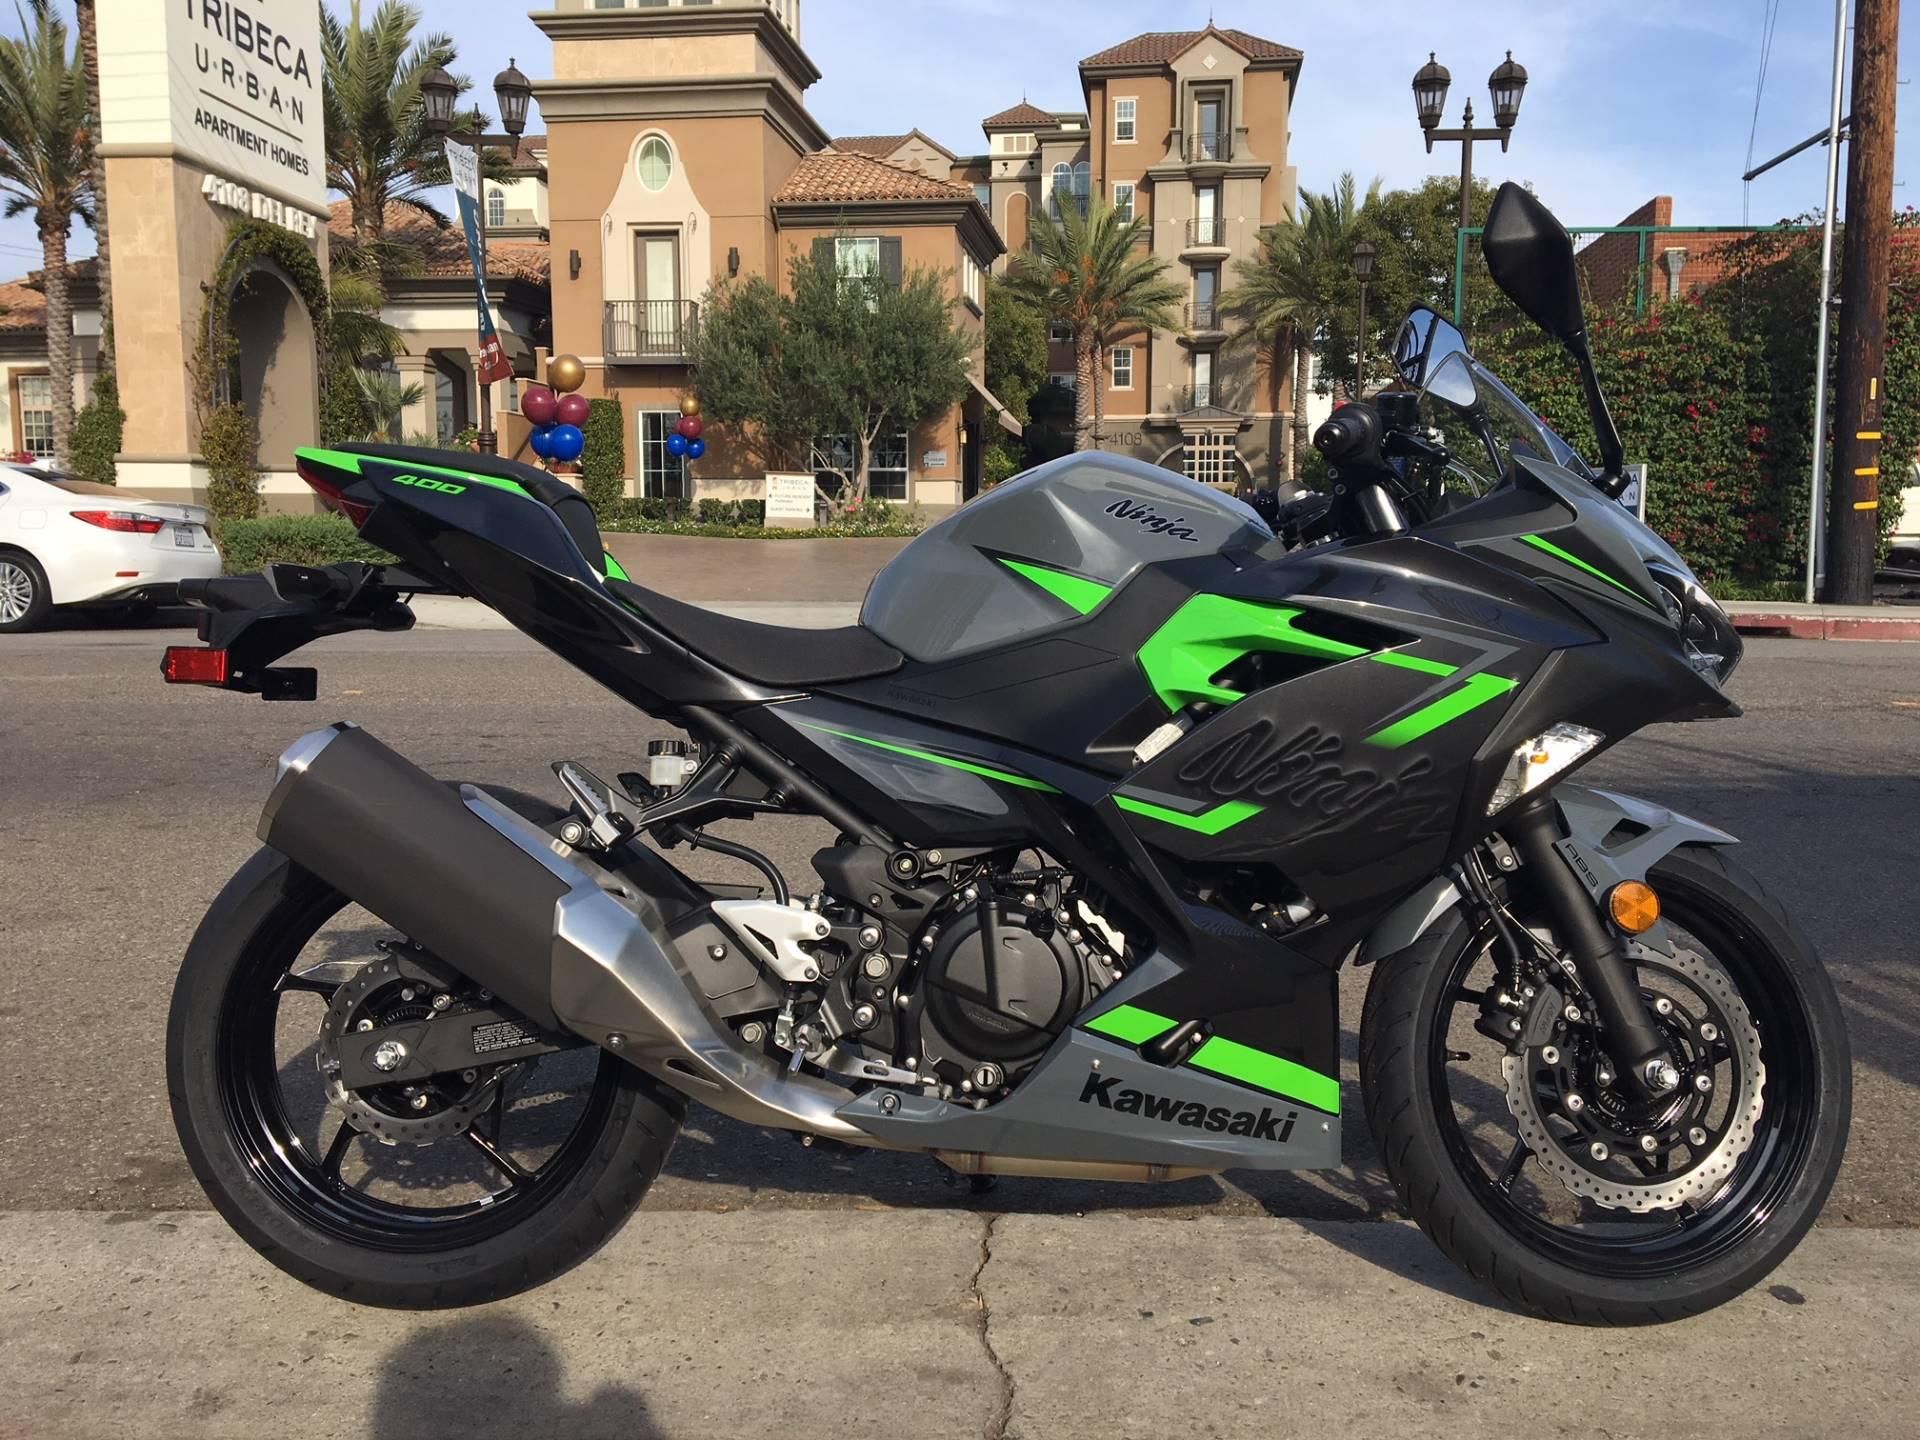 Digiads Motorbike Ads additionally O besides  as well Ea F Cb F A E E Eca A likewise . on kawasaki ninja vin number